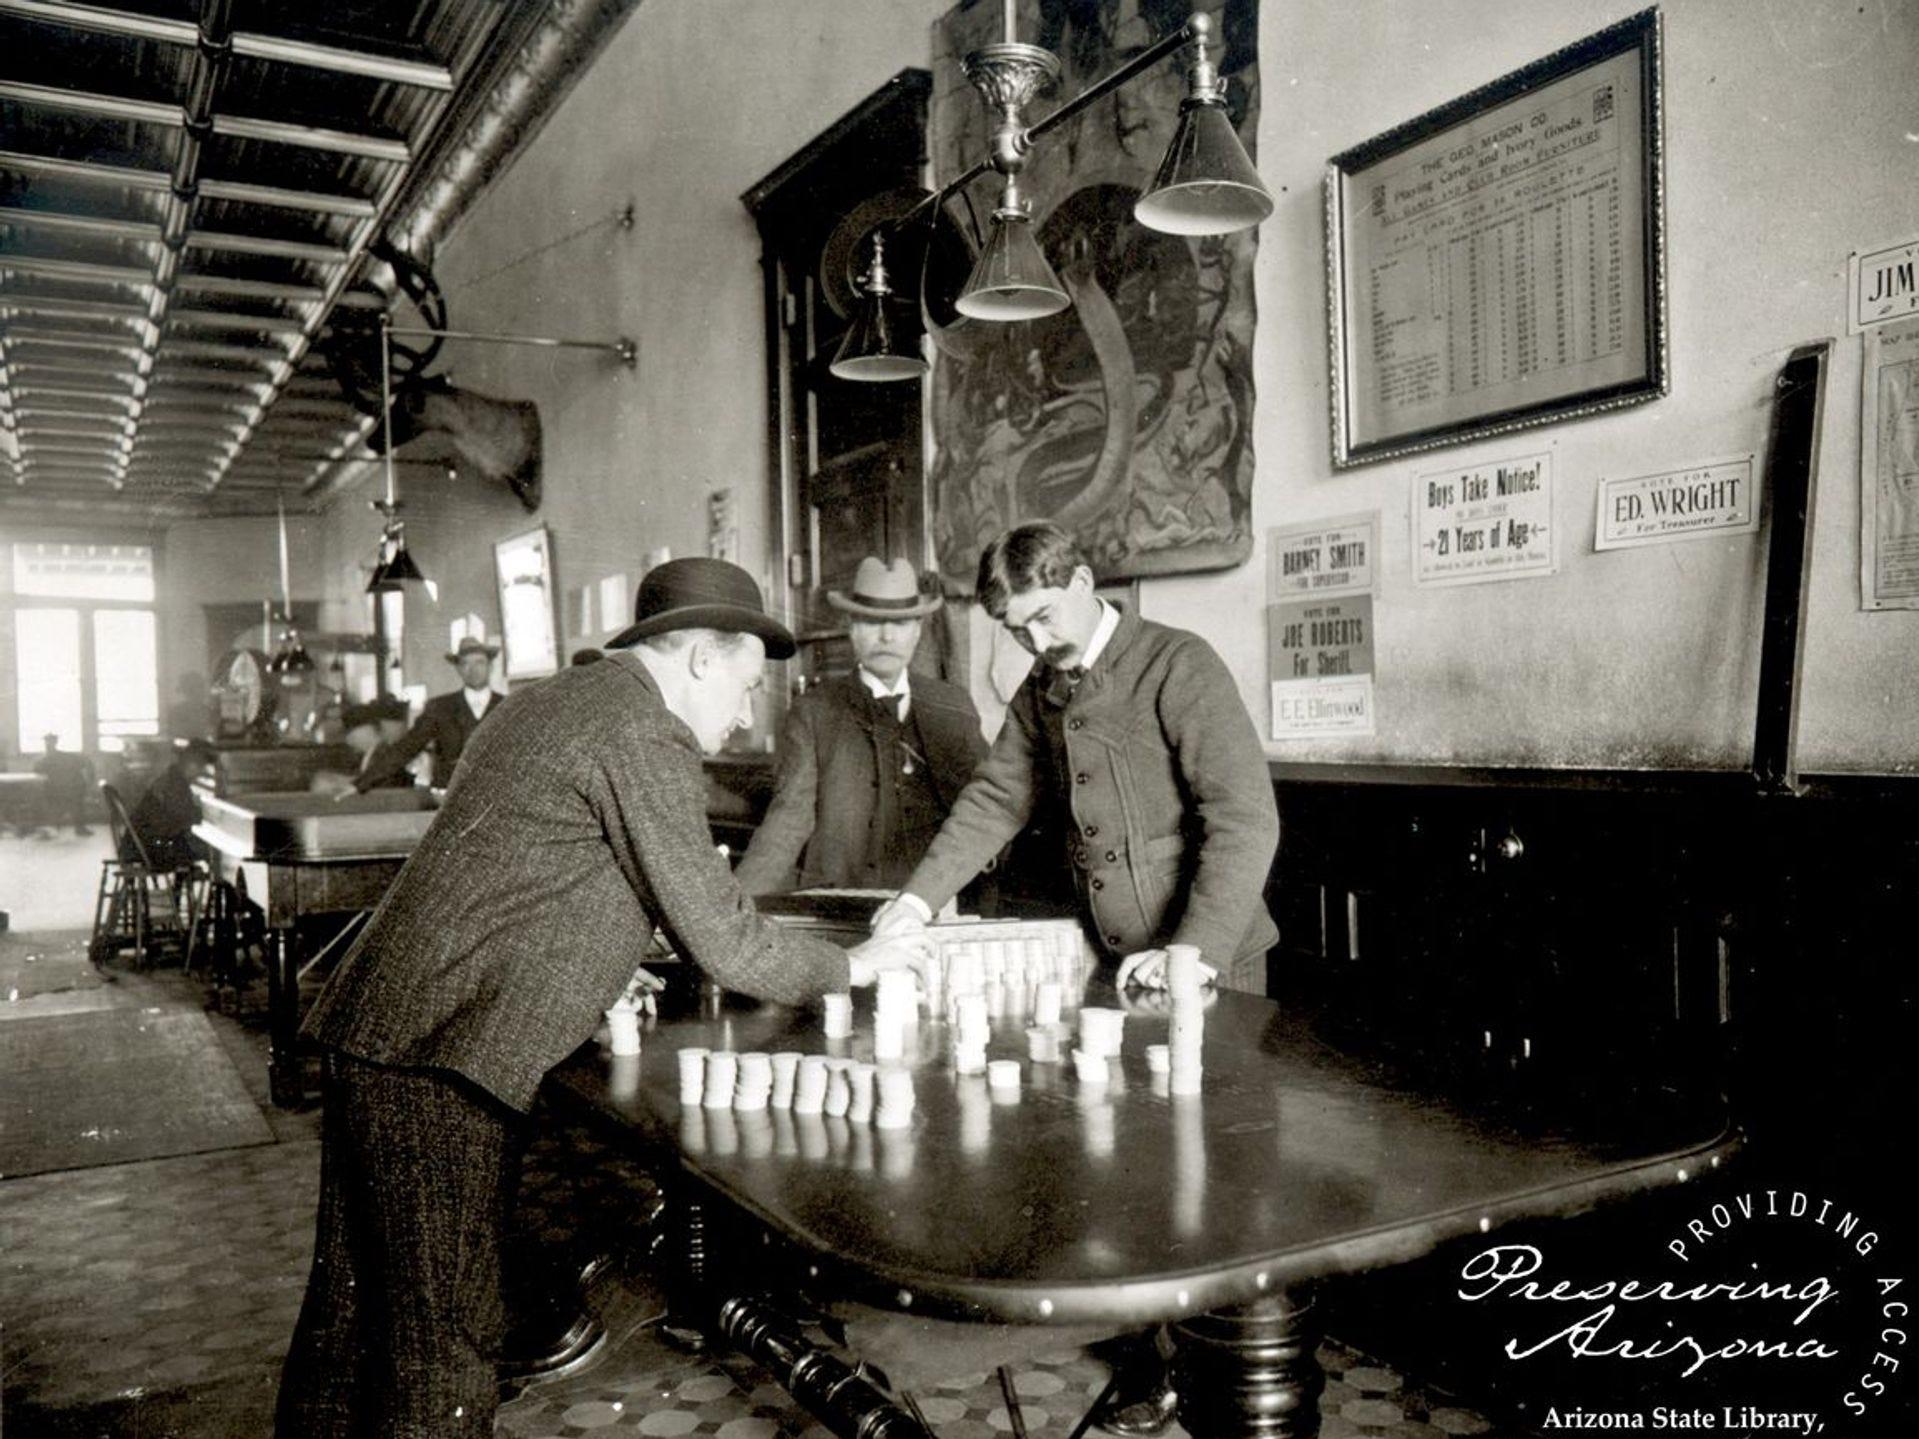 El Palace Saloon siempre fue popular entre los jugadores, y el equipo se perdió de vista cuando se prohibió el juego.